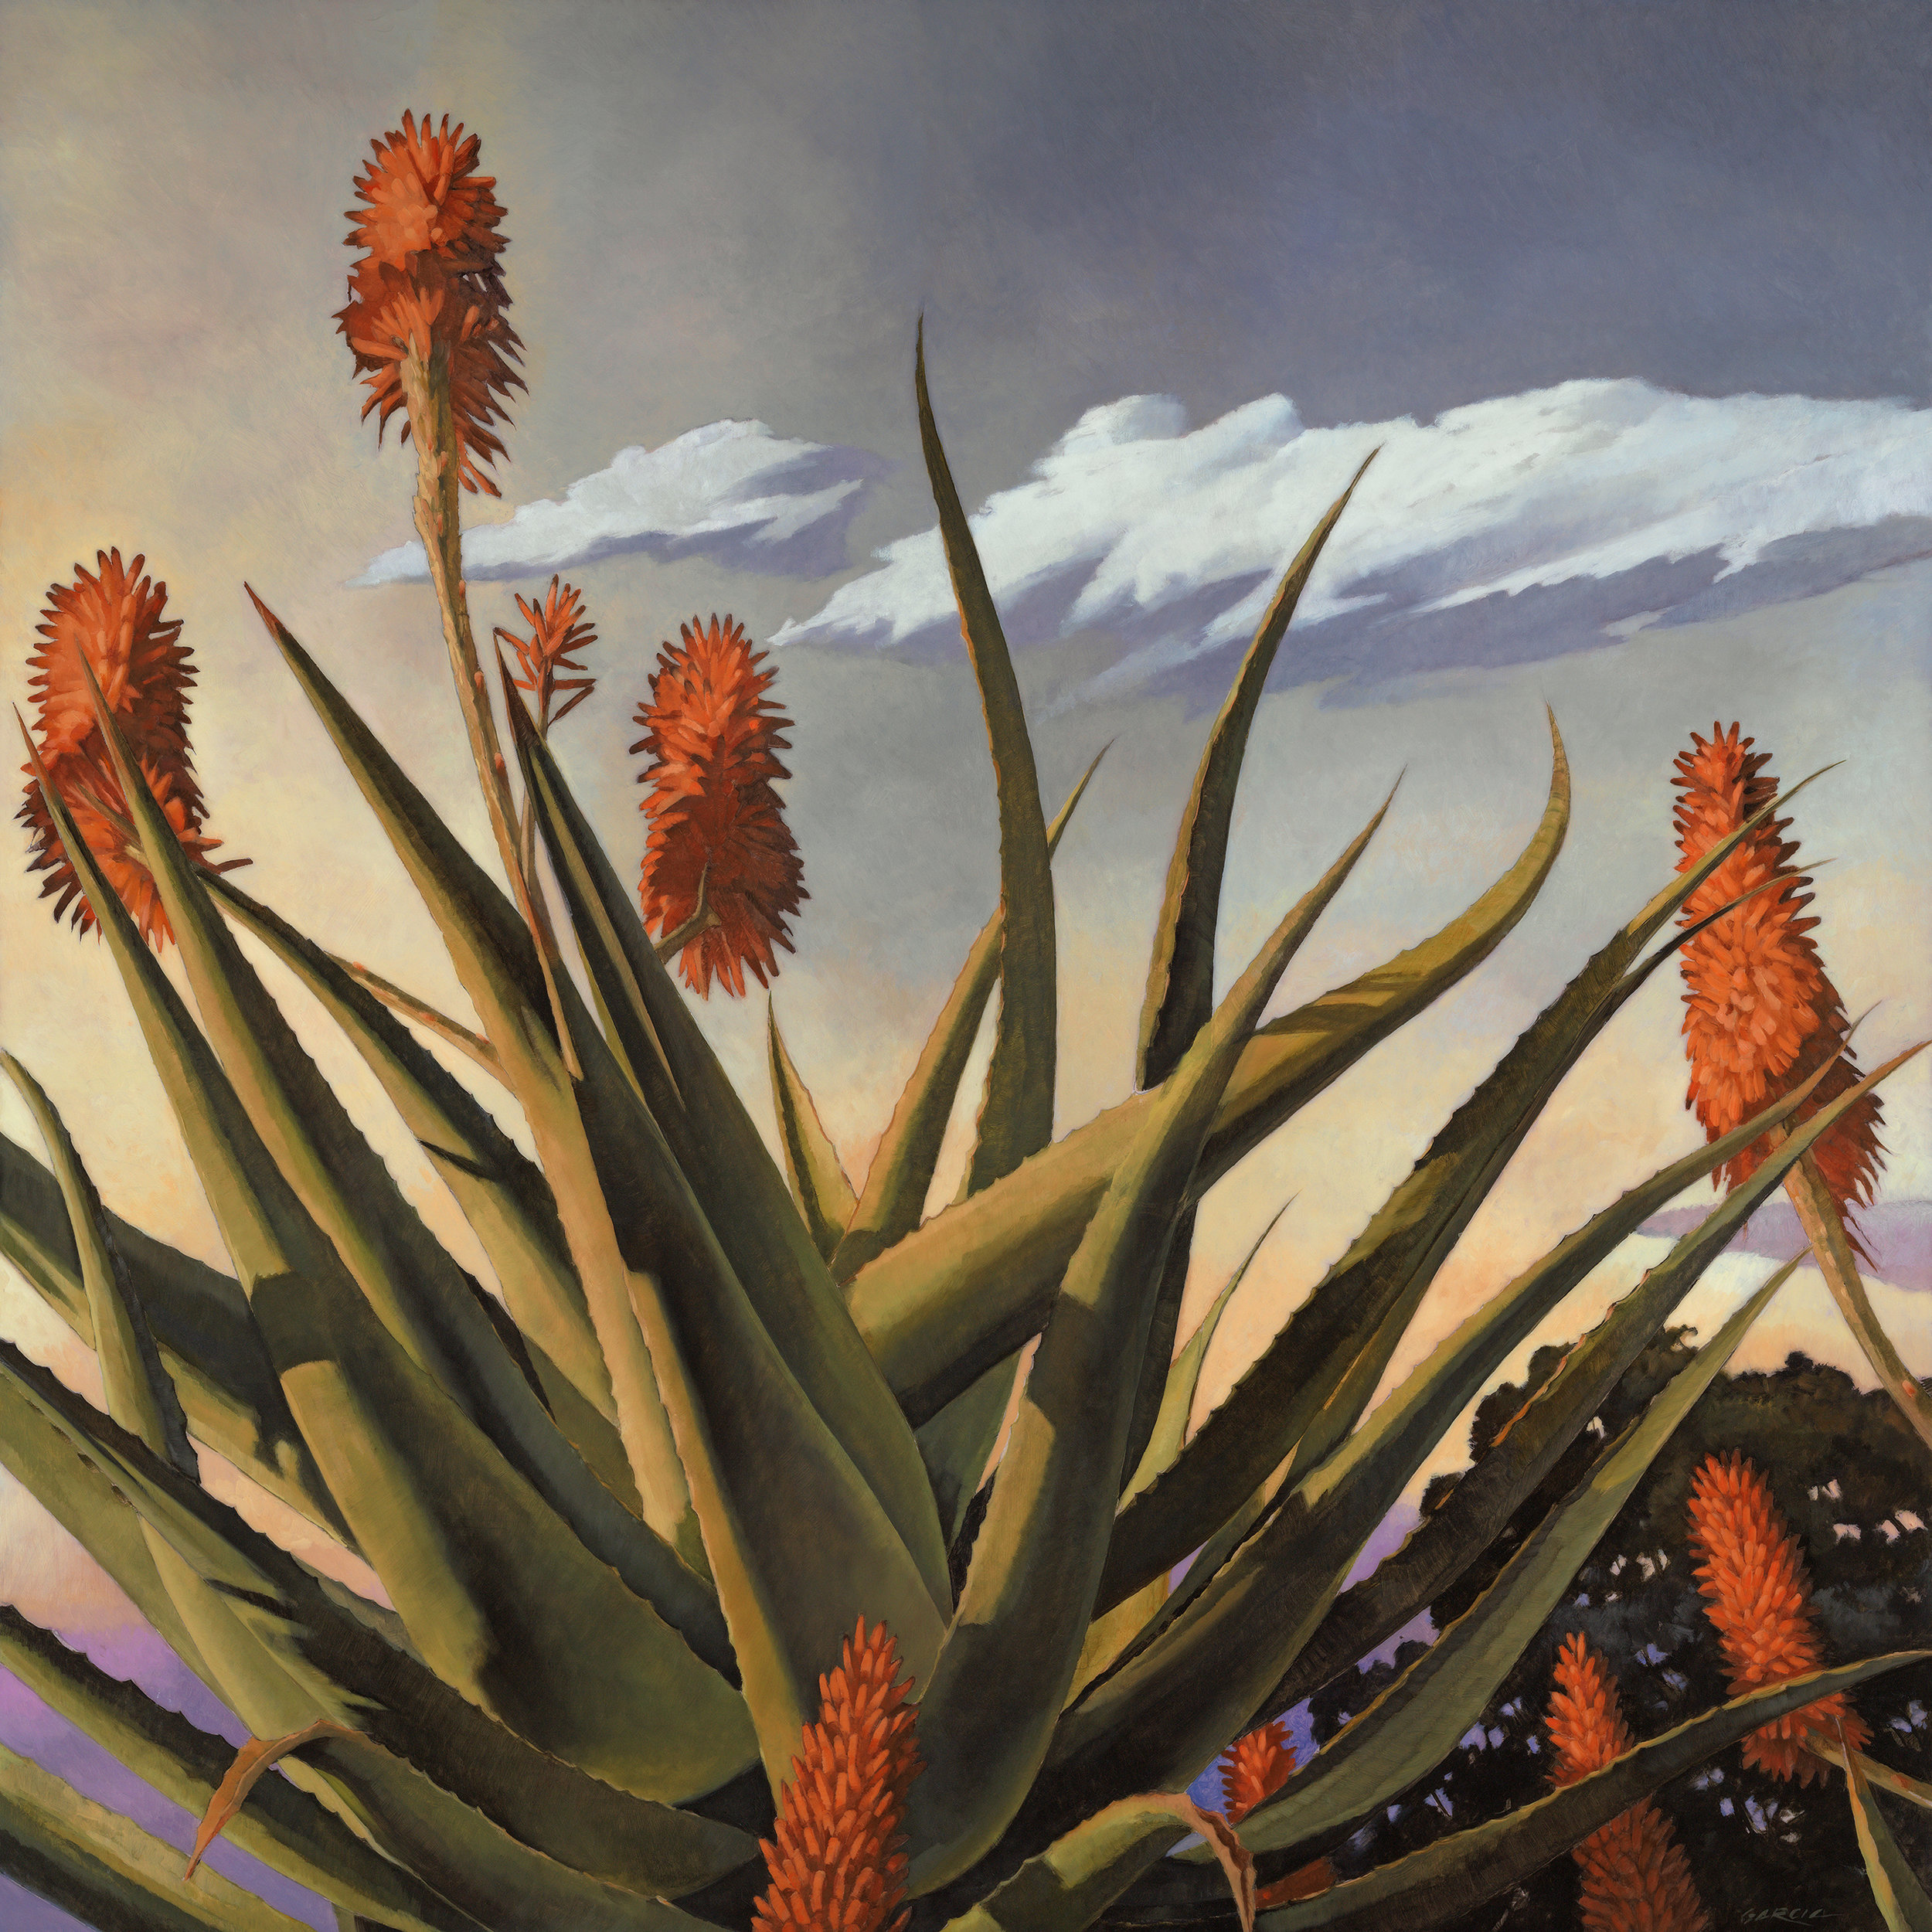 Aloe Speciosa (comission) 36x36, at artist studio SOLD